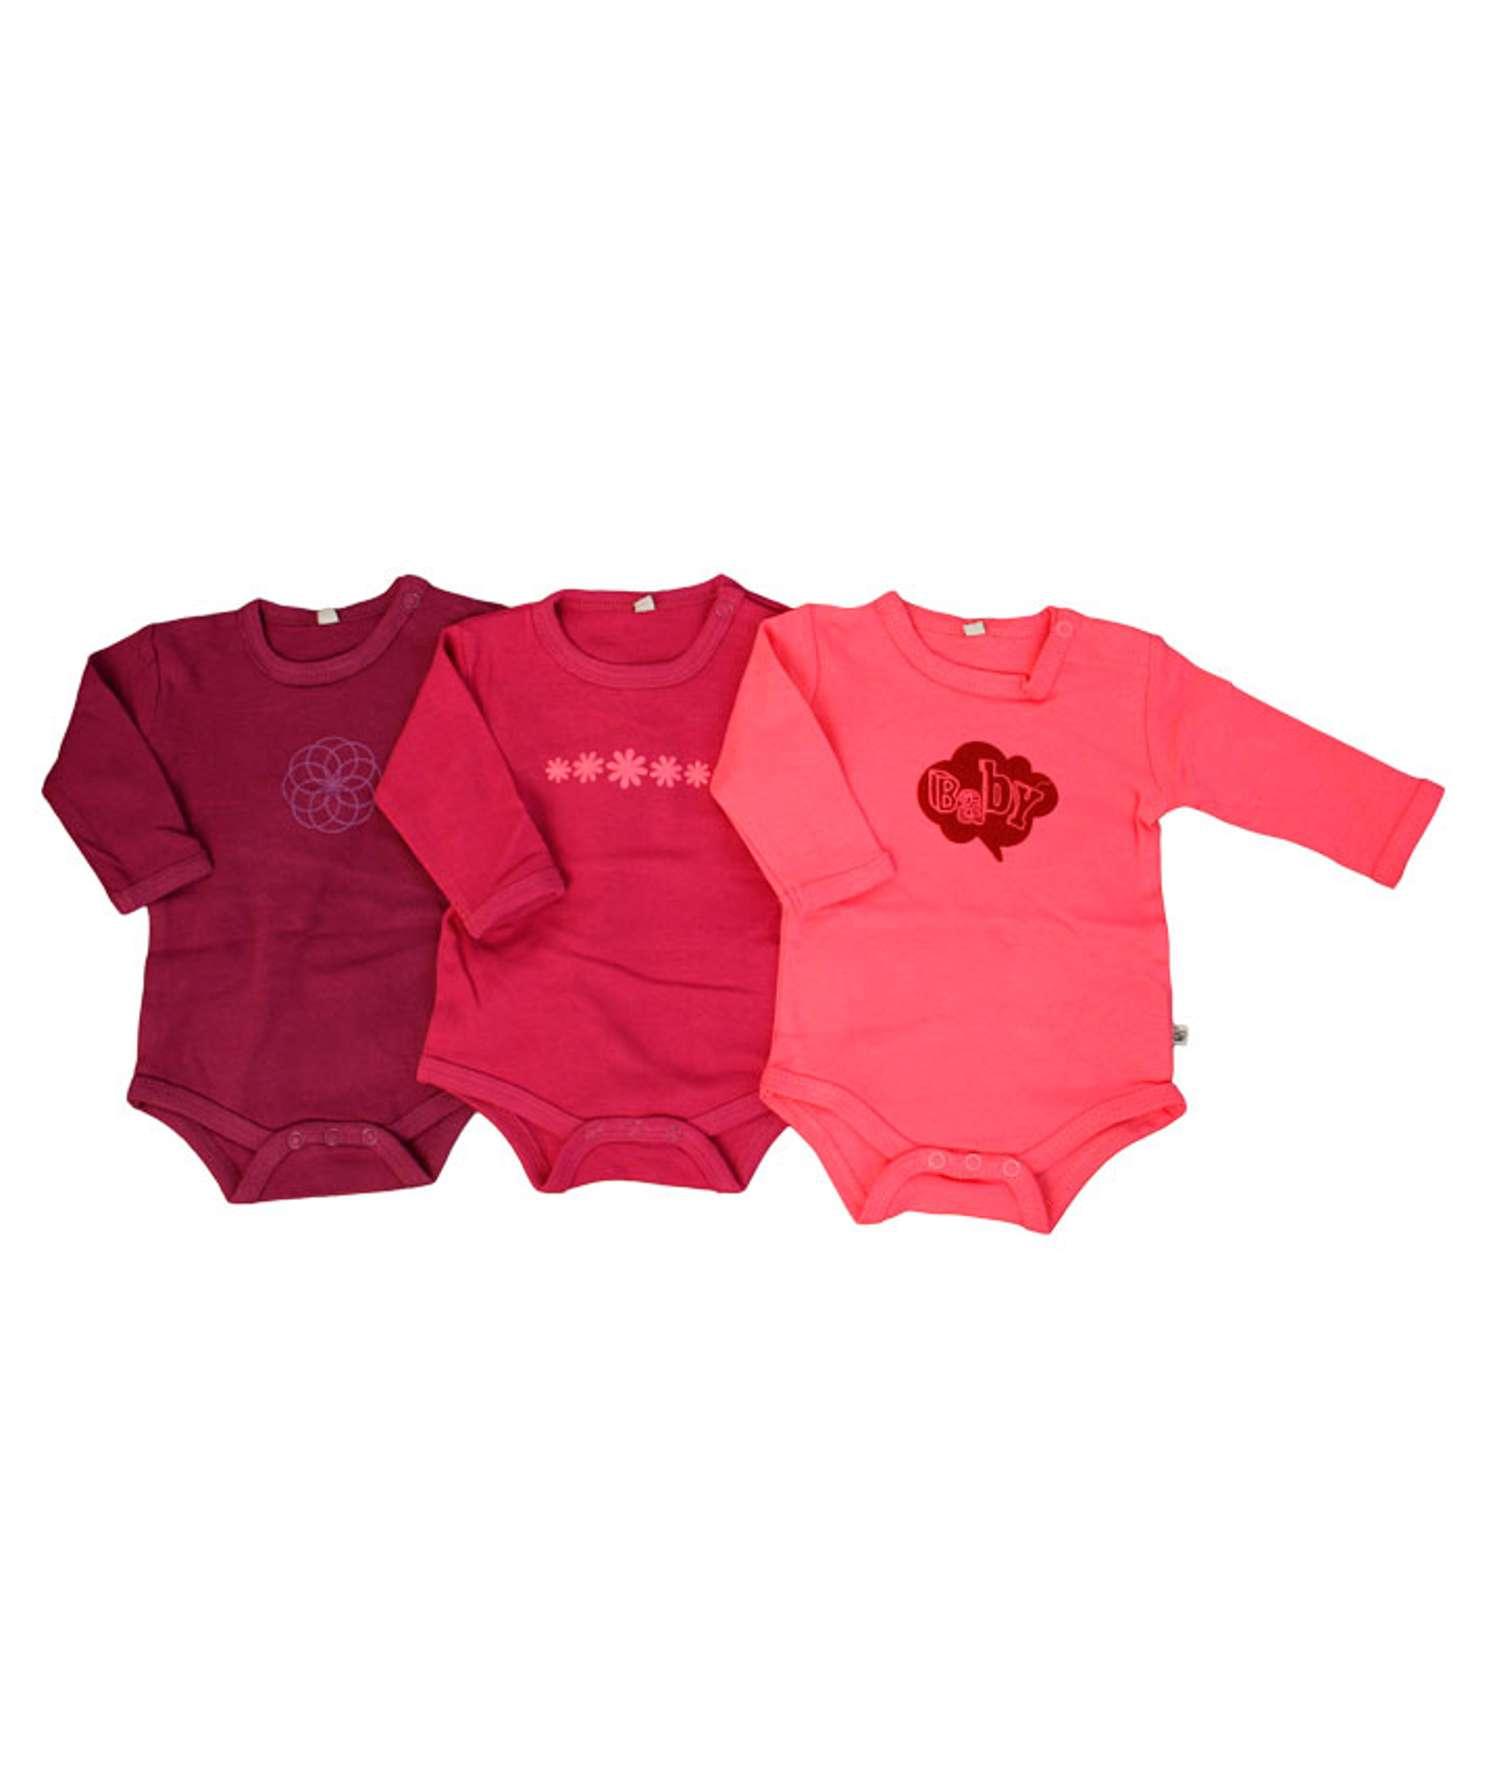 Pippi - Body langærmet - Pink - Størrelse 98